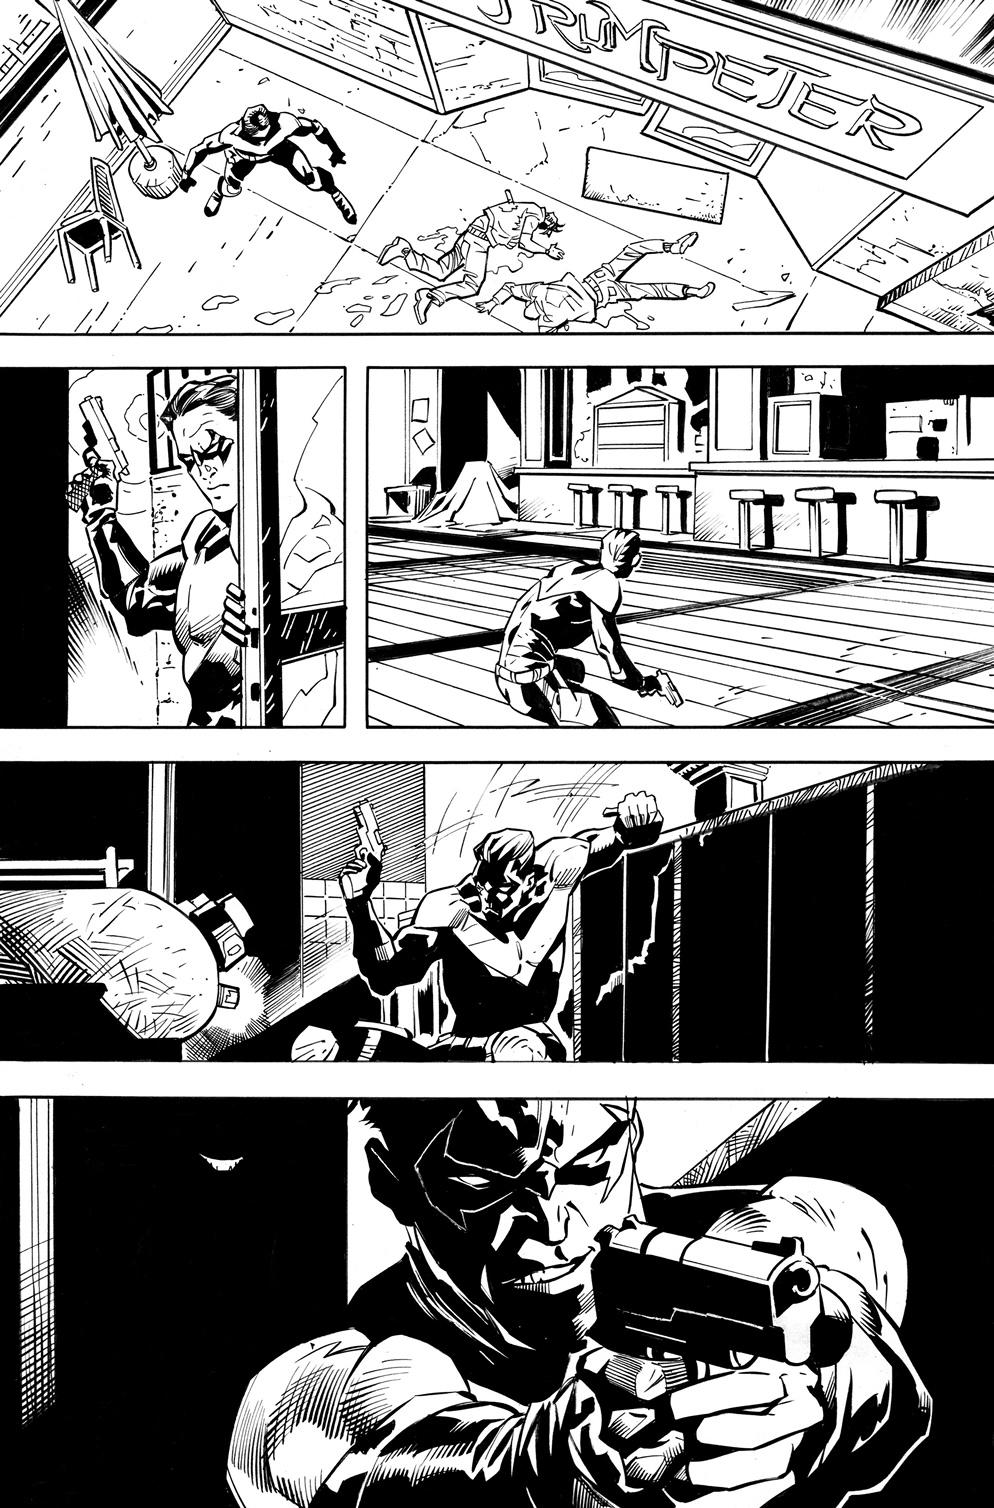 Nightwing #70 is written by Dan Jurgens, with art by Ryan Benjamin.